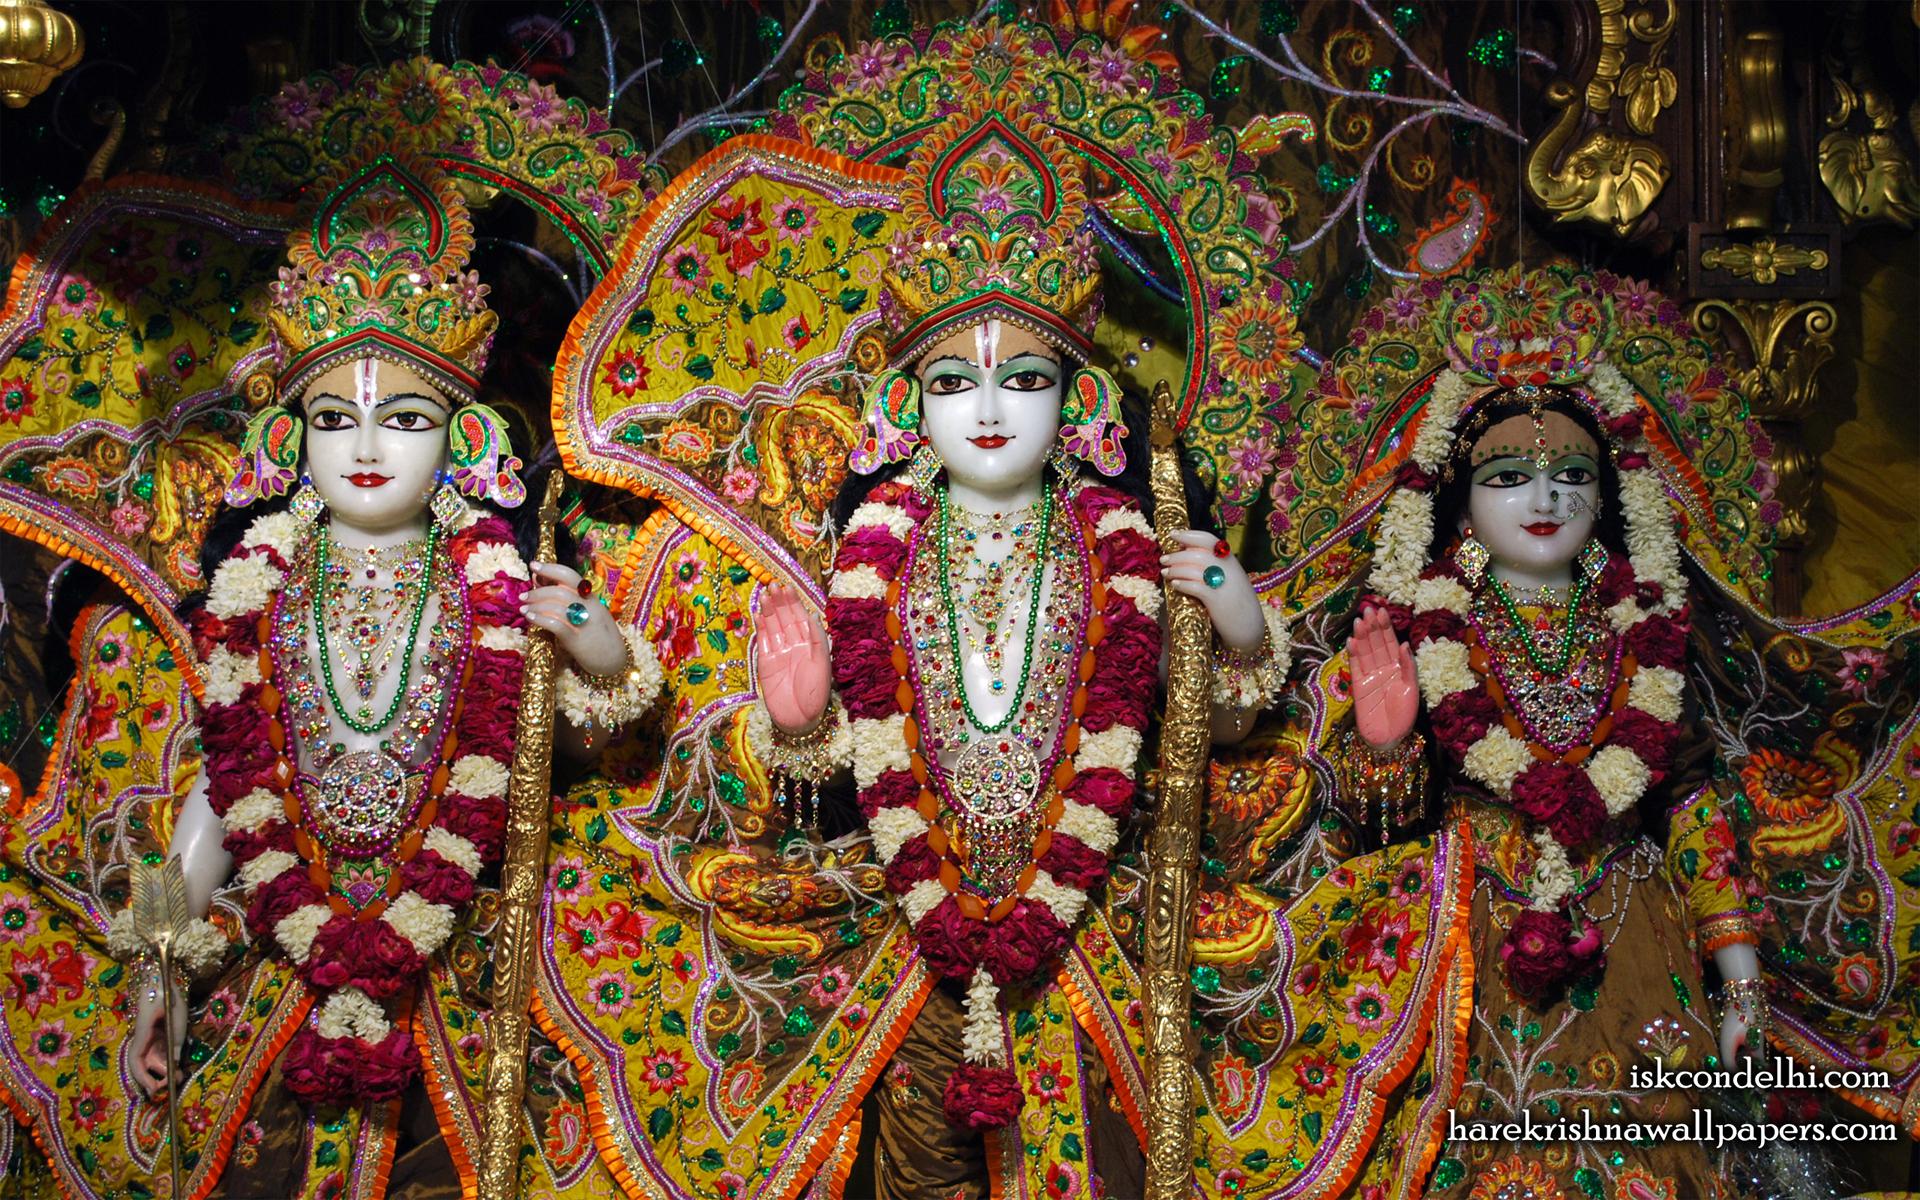 Sri Sri Sita Rama Laxman Wallpaper (003) Size 1920x1200 Download